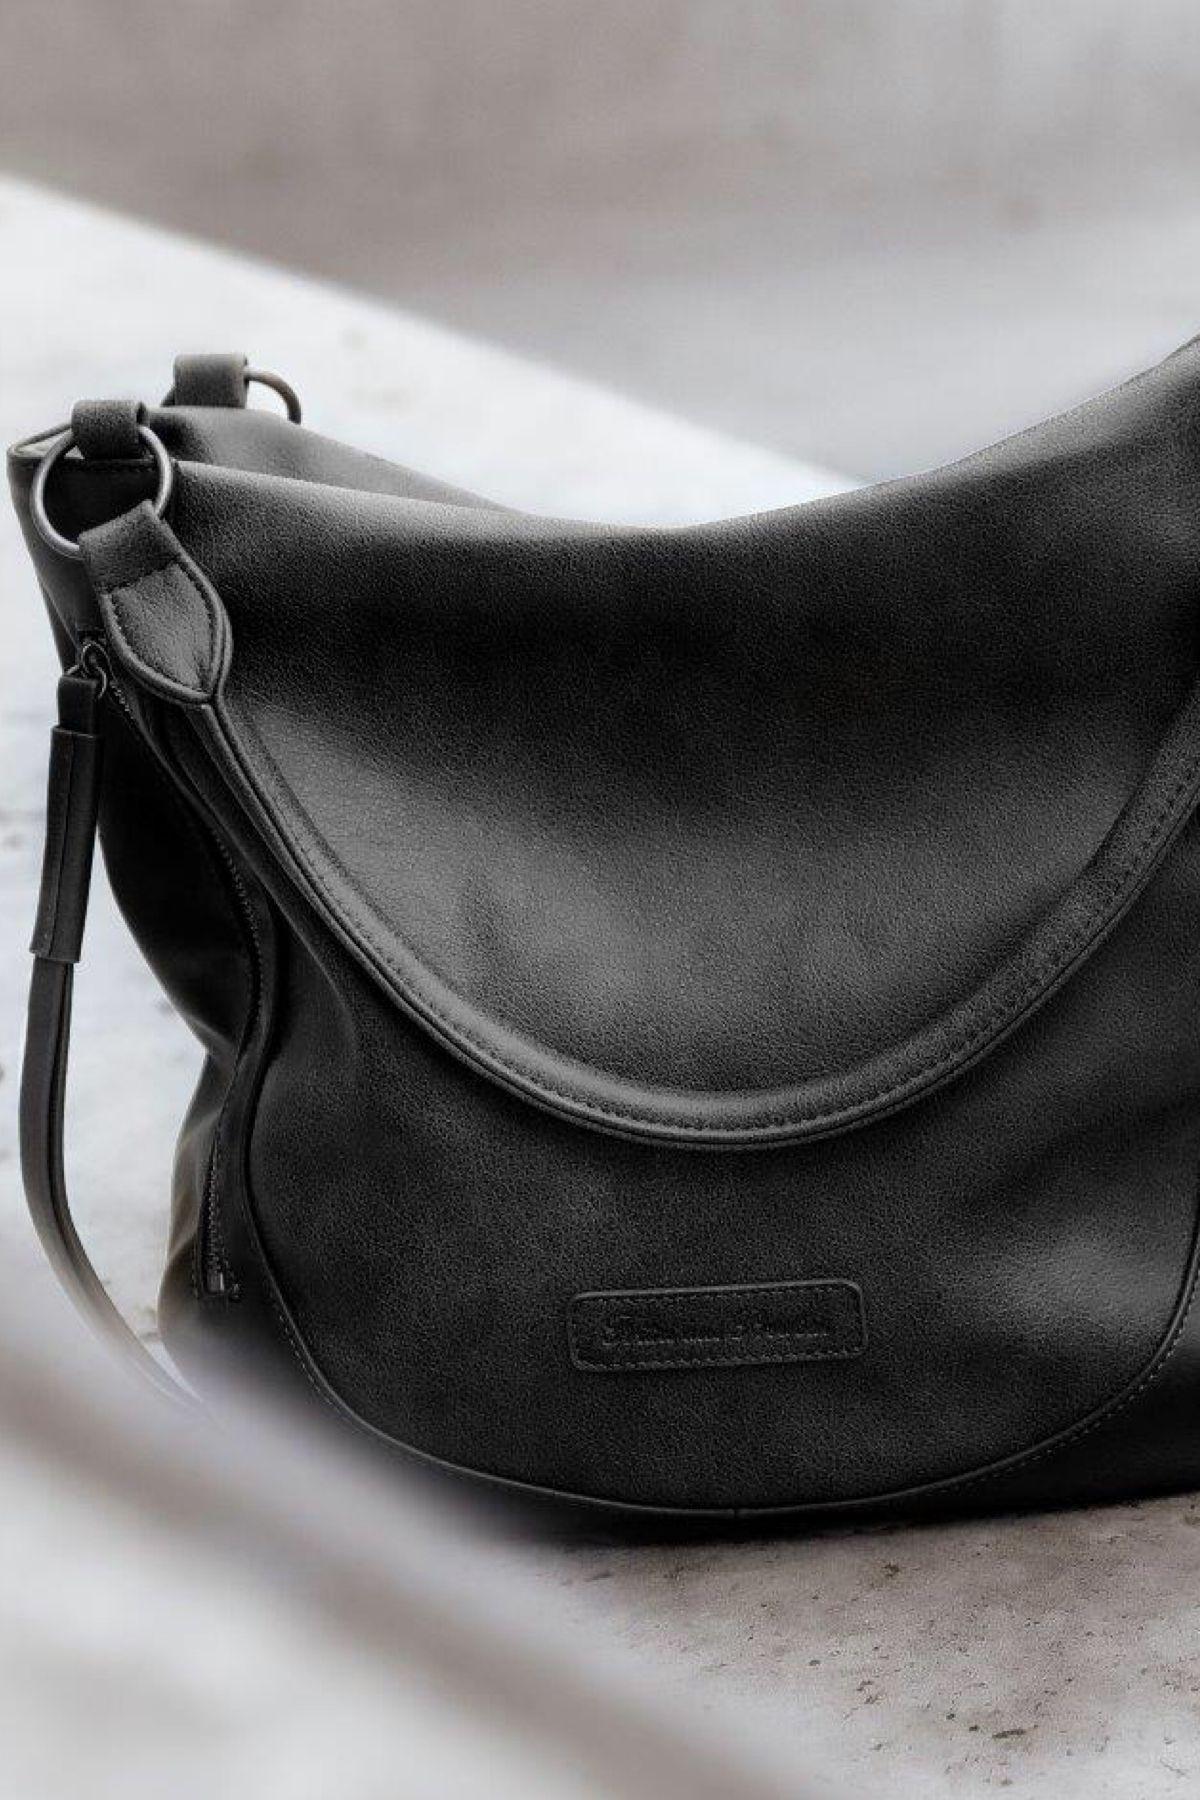 Shopper Hobo Bag Oder Doch Eher Cross Body Bag Fritzi Aus Preussen Bietet Dir Stylische Lederfreie Taschen Fur Jede Geleg Fritzi Aus Preussen Hobo Bag Taschen